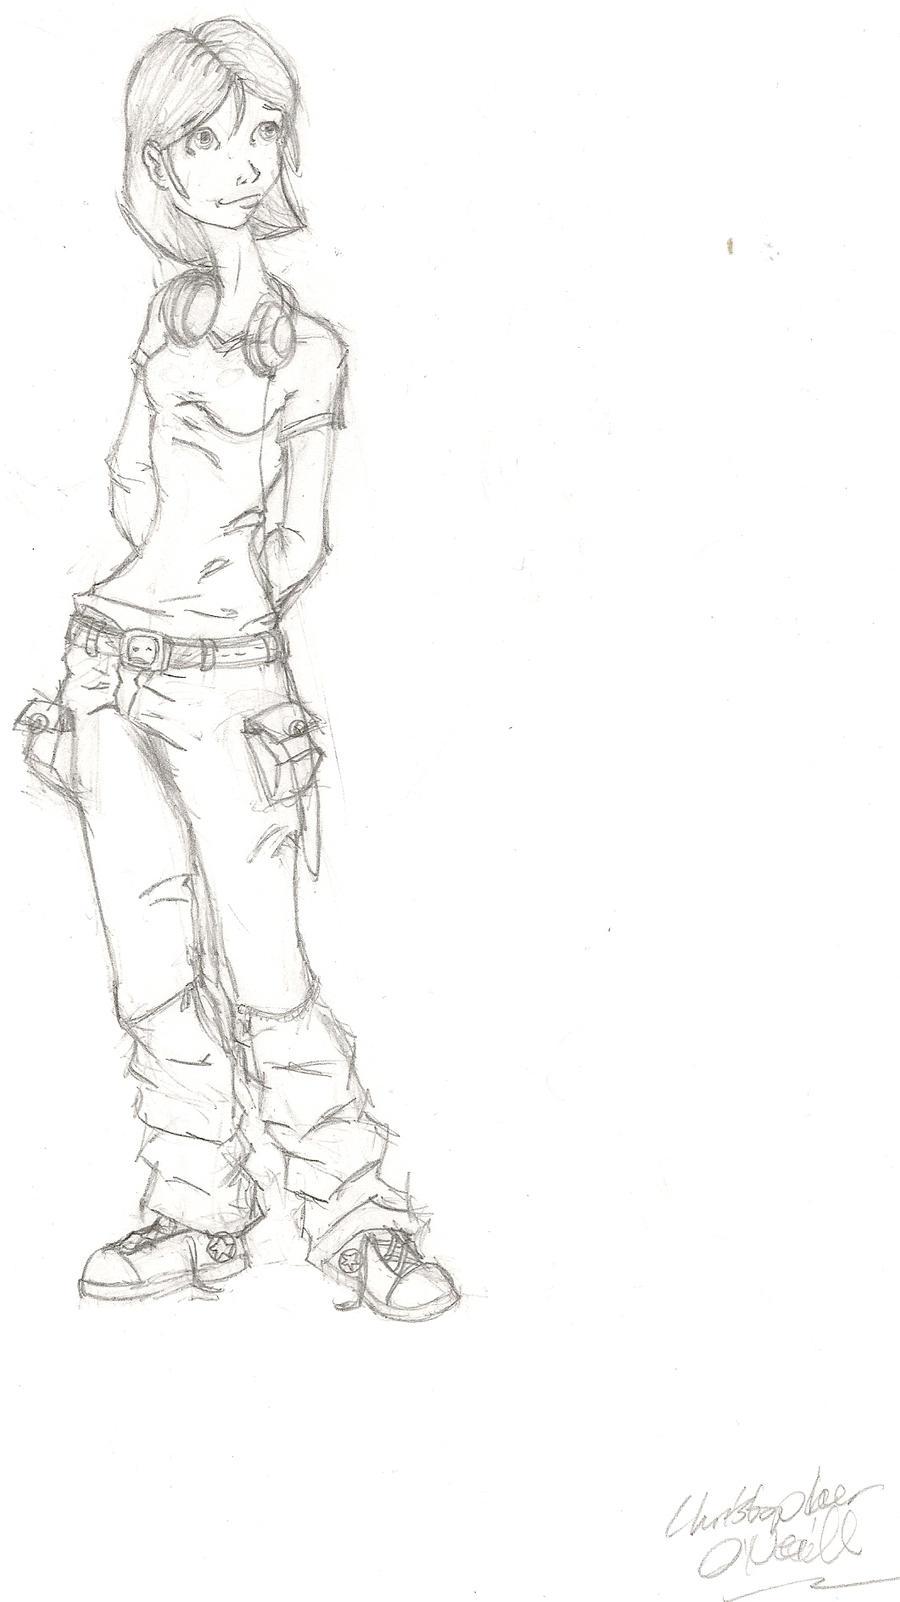 baggy jeans by derangeddoodler on deviantart